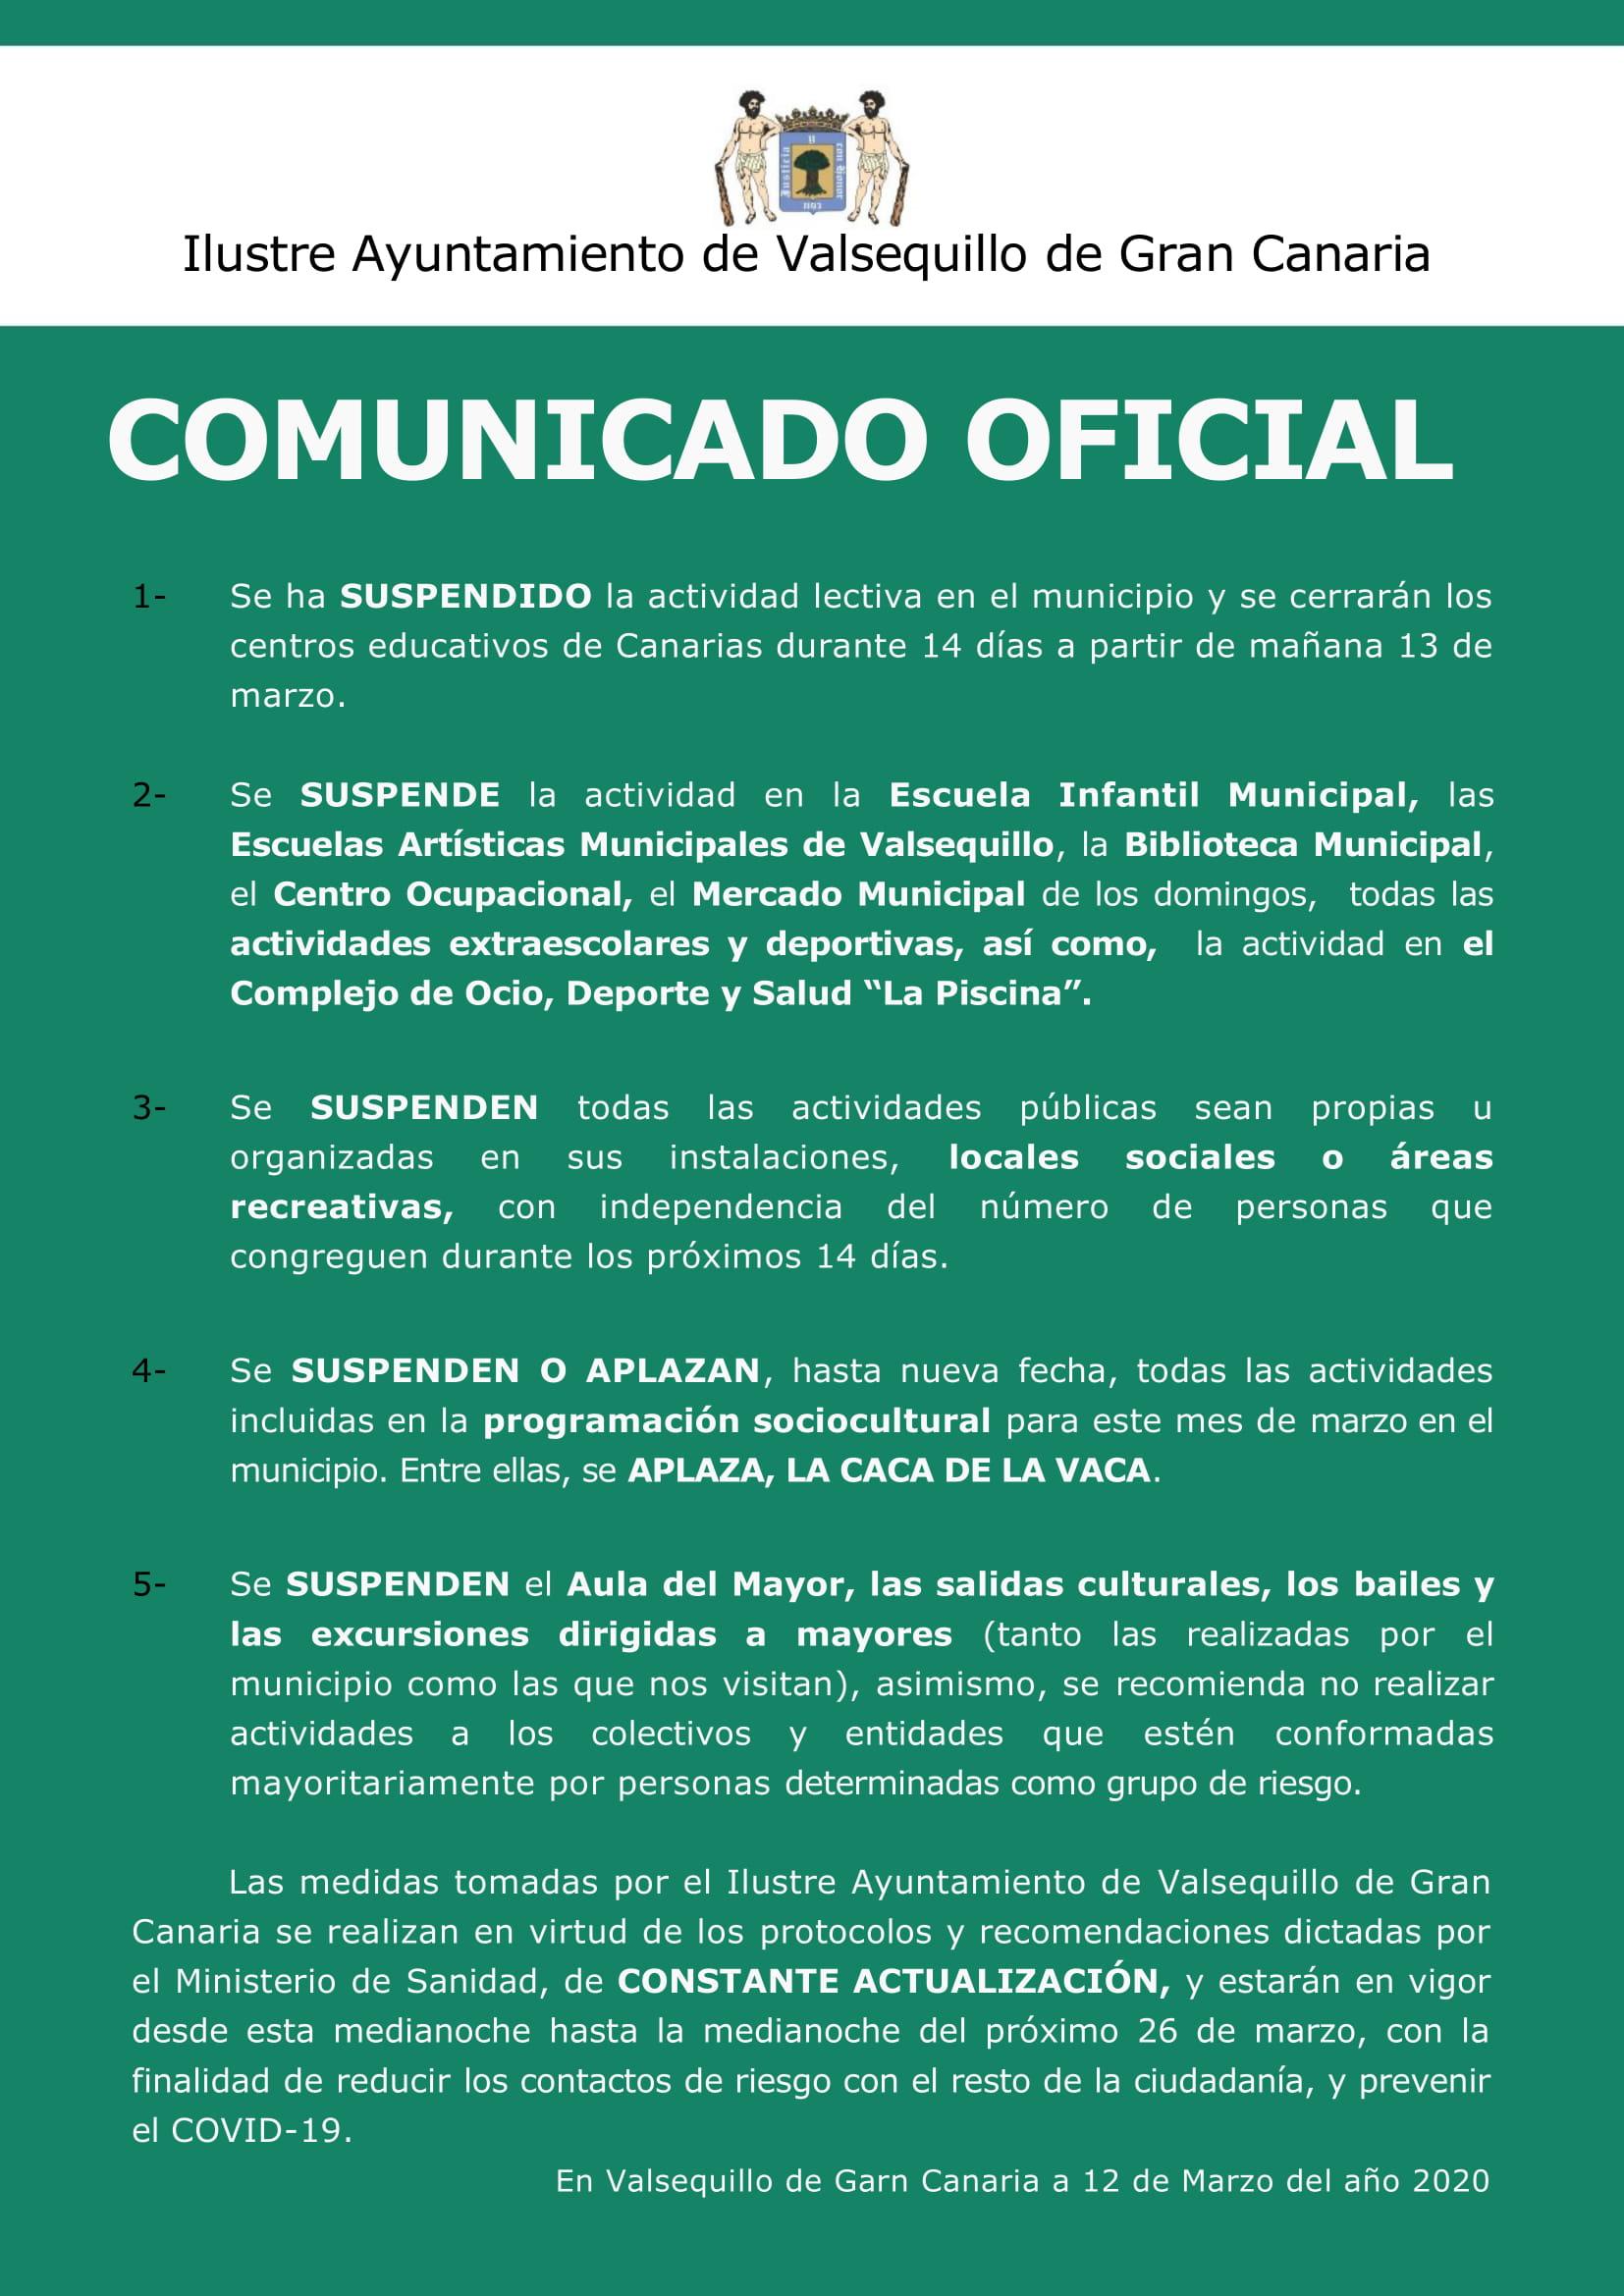 Comunicado Oficial Del Ilustre Ayuntamiento De Valsequillo De Gran Canaria Actualizado A Las 18 44hs Del 12 De Marzo De 2020 Ayuntamiento De Valsequillo De Gran Canaria